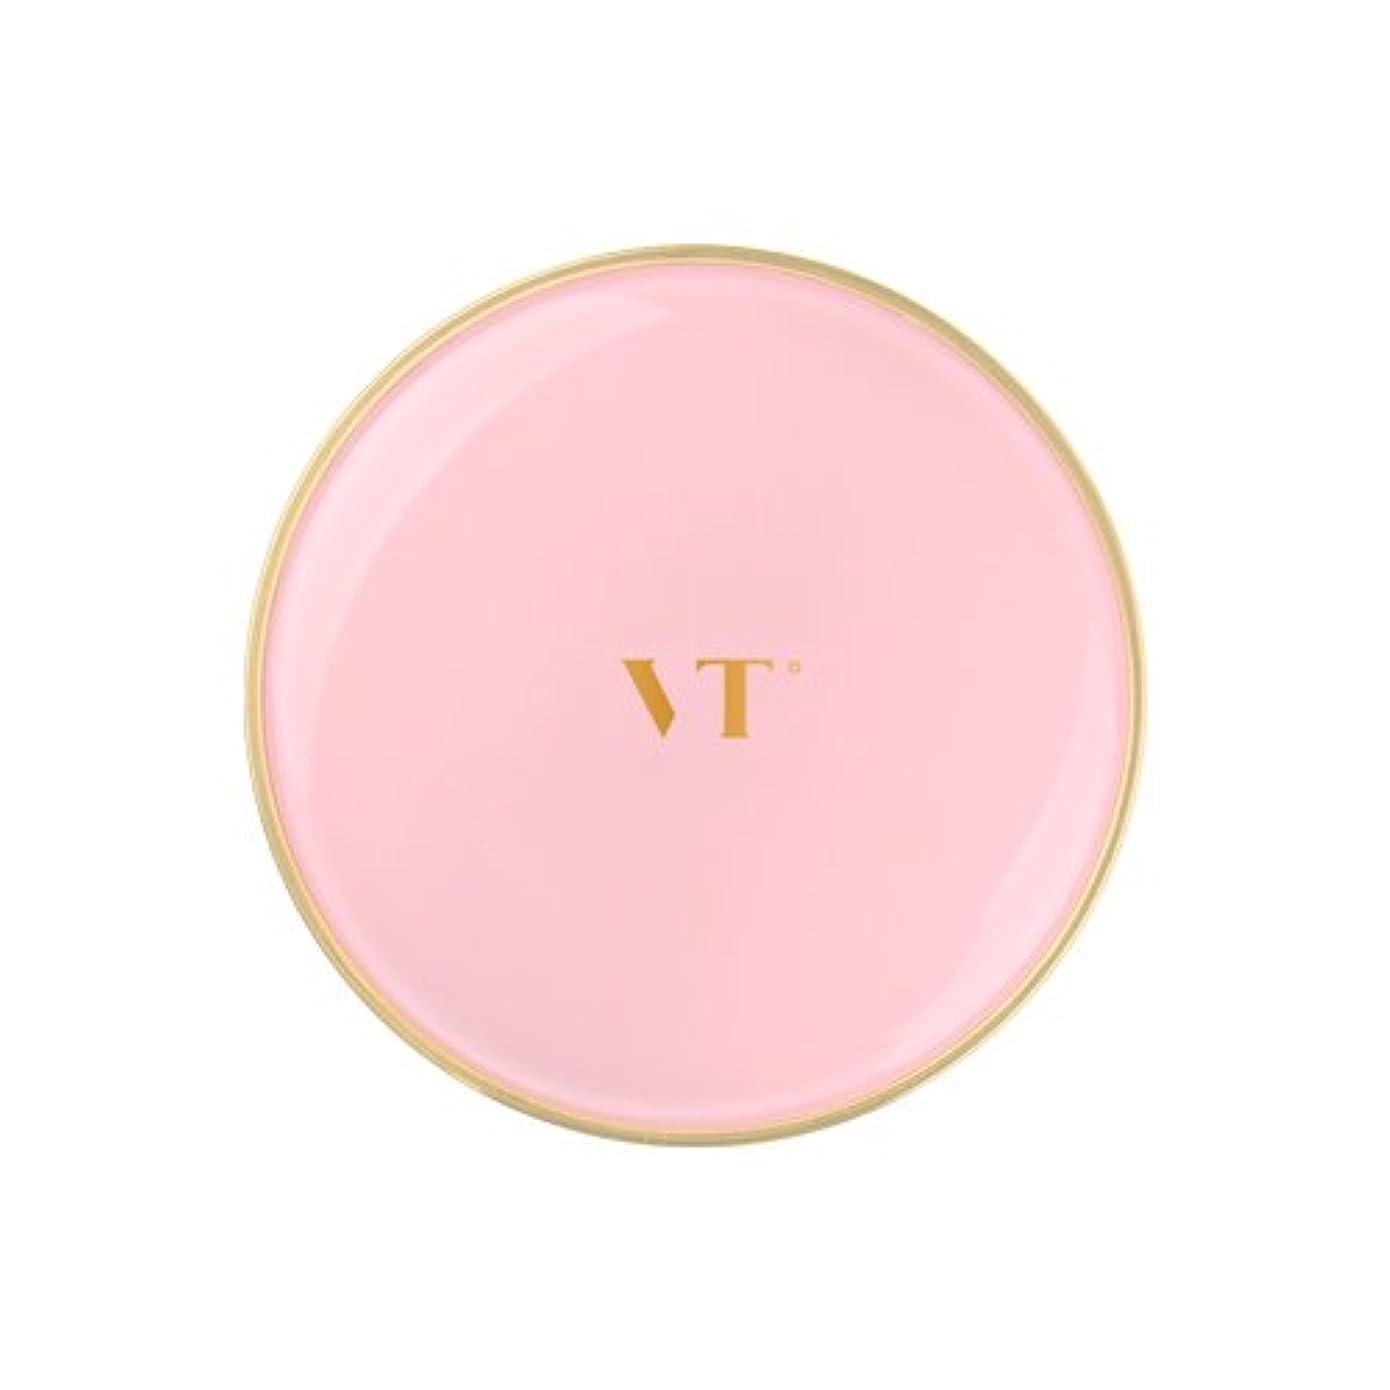 アンドリューハリディおもしろい宿命VT Collagen Pact 11g/ブイティー コラーゲン パクト 11g [並行輸入品]